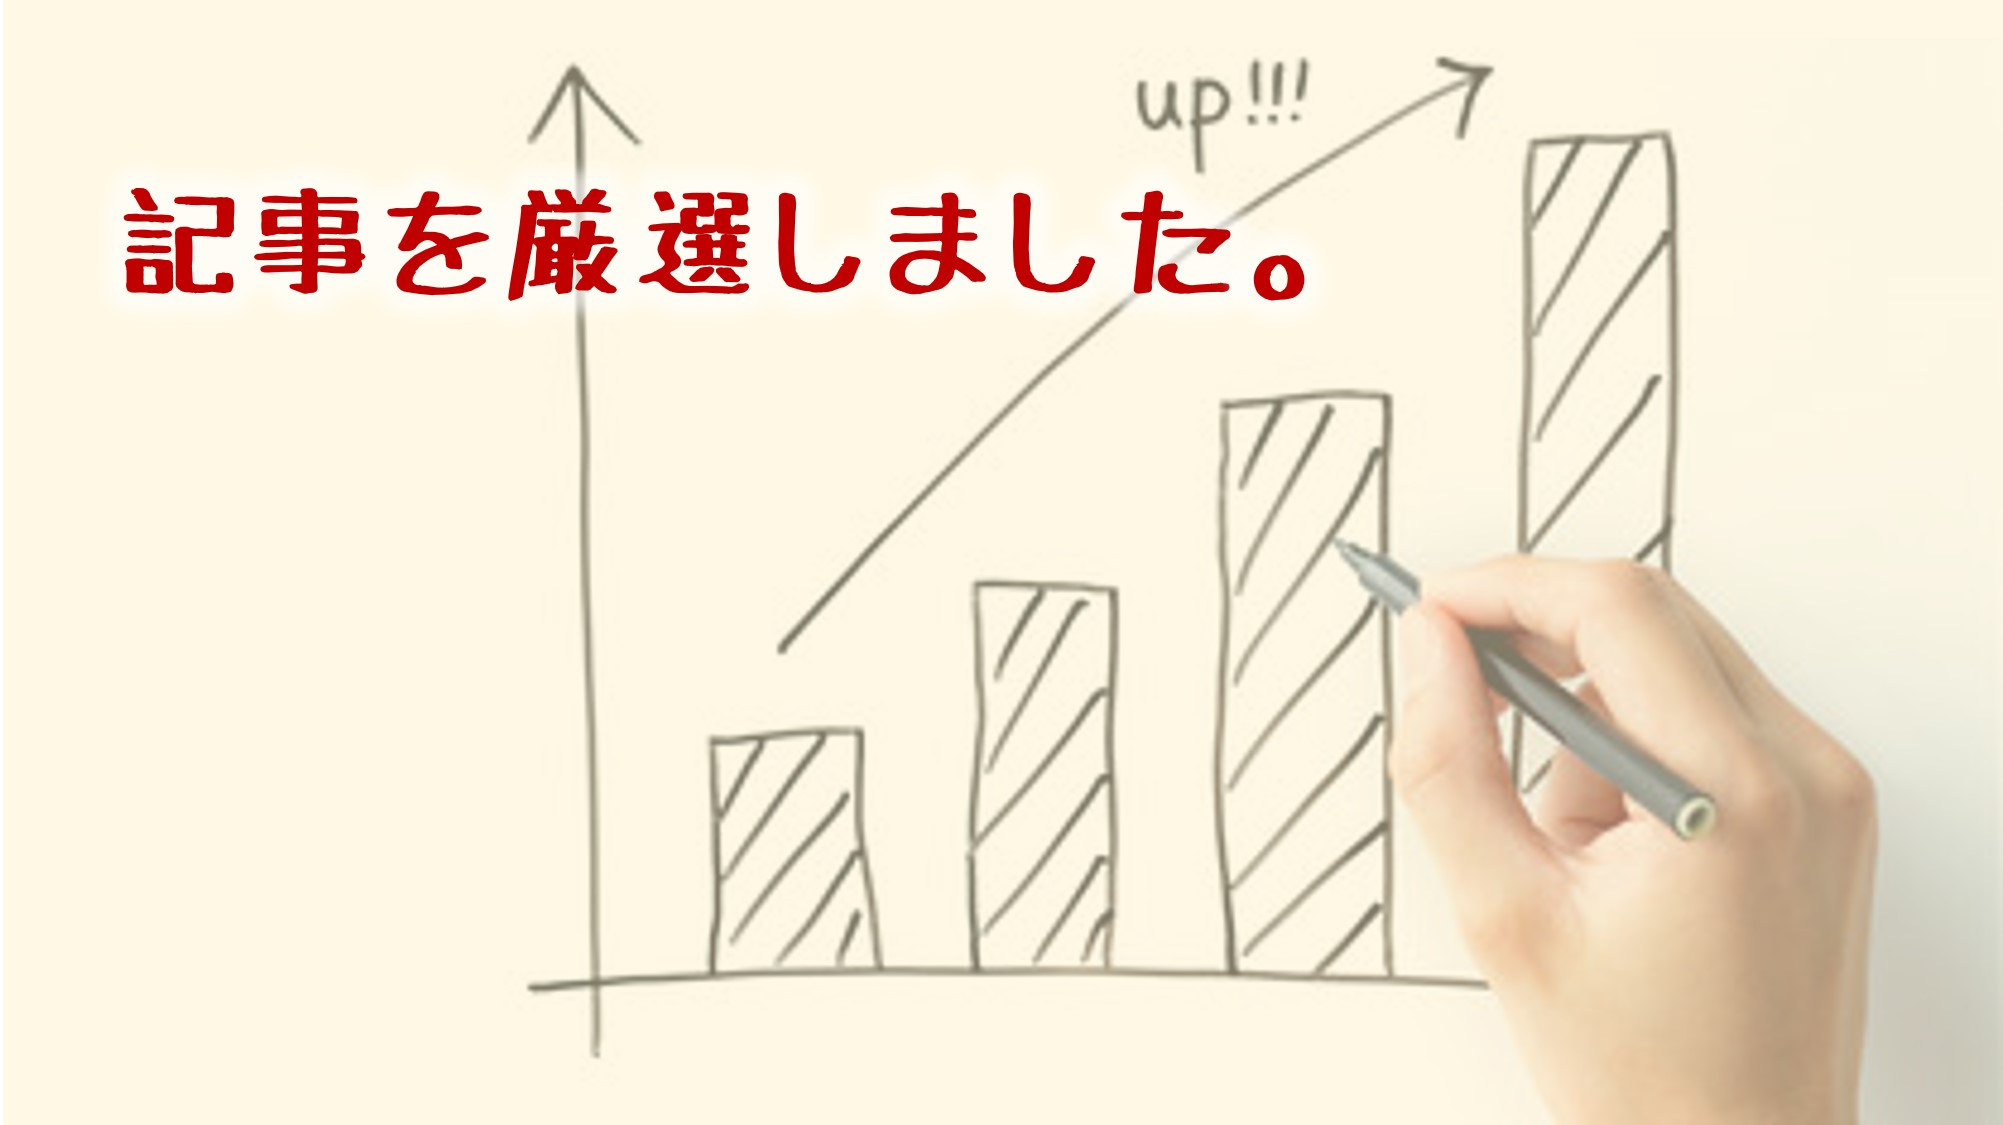 今期こそ業績を上げる!と意気込む社長・起業家にまず読んで欲しい記事7選